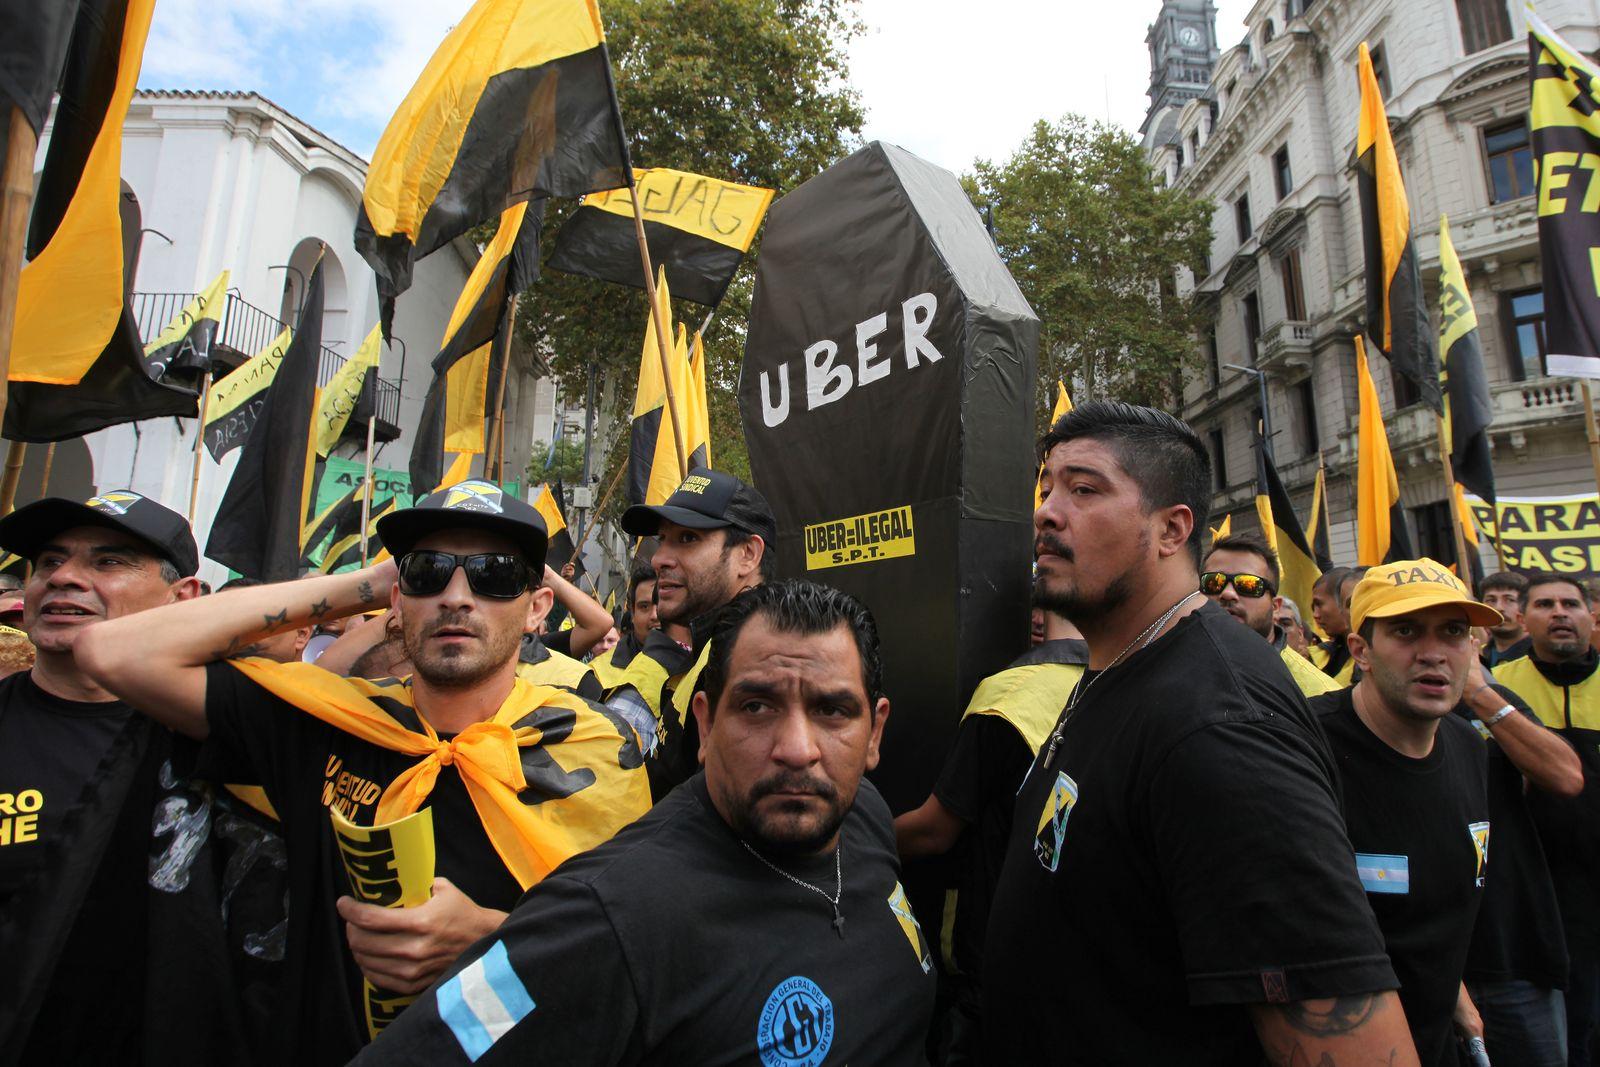 Taxifahrer protestieren gegen Uber